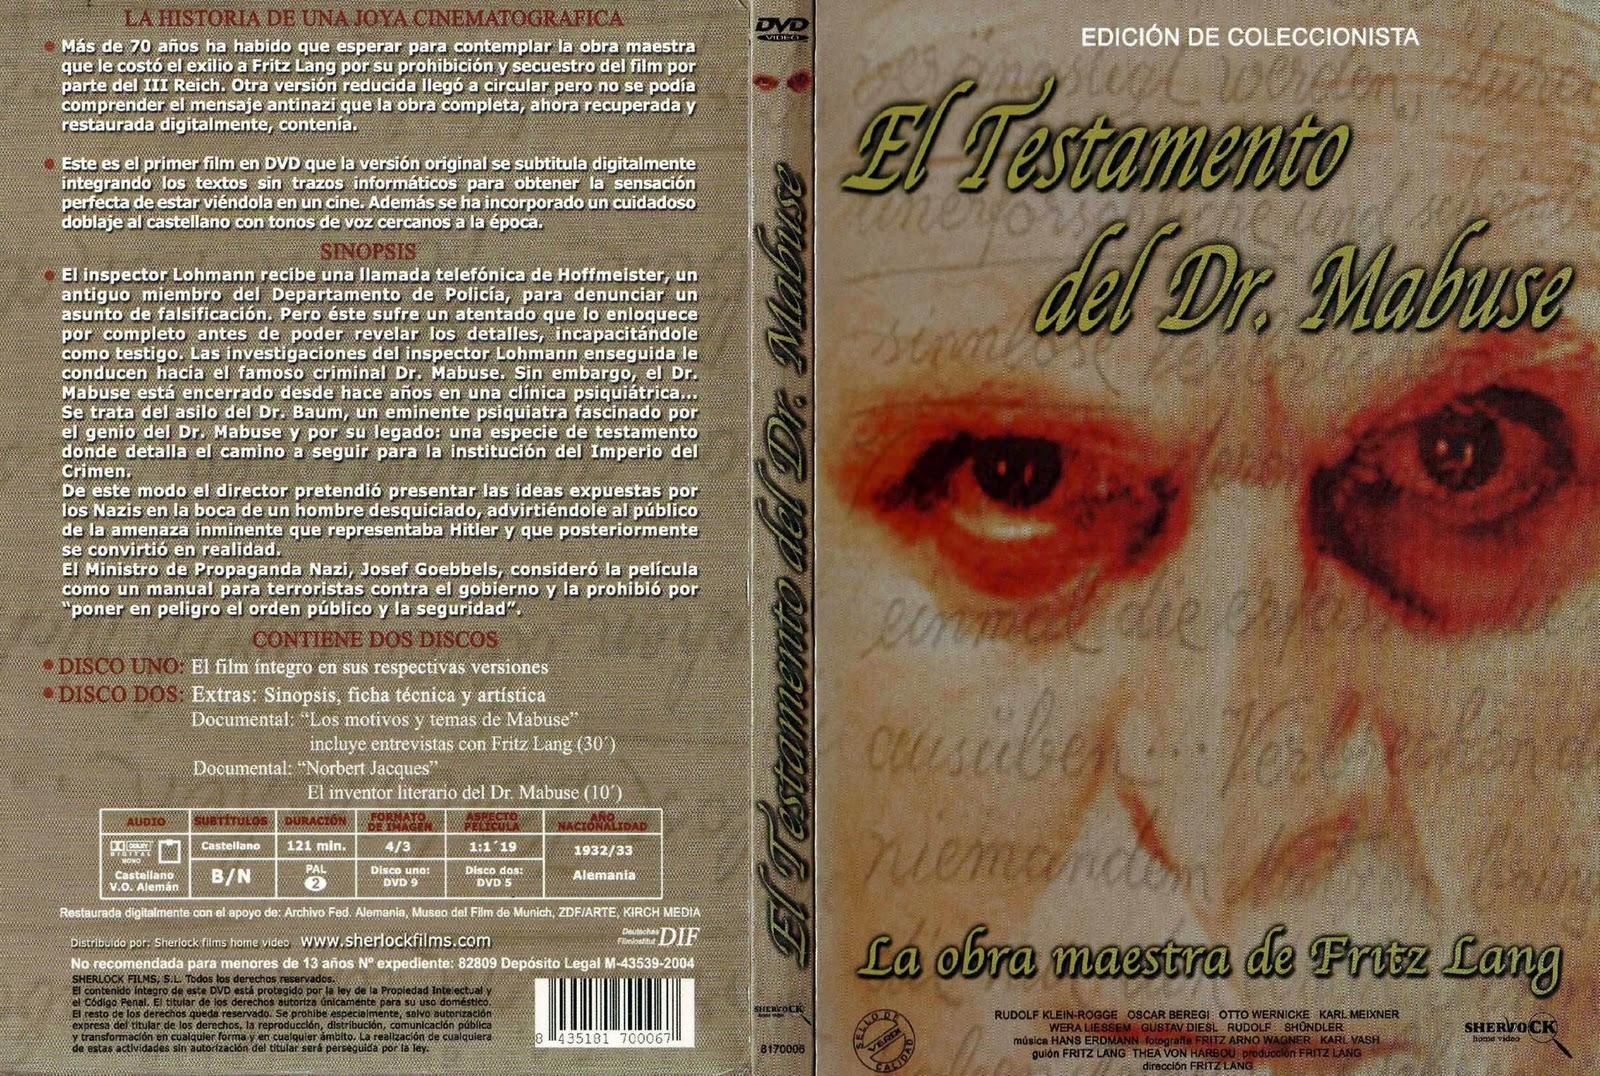 El testamento del Dr. Mabuse (1933 - Das testament des dr. Mabuse)